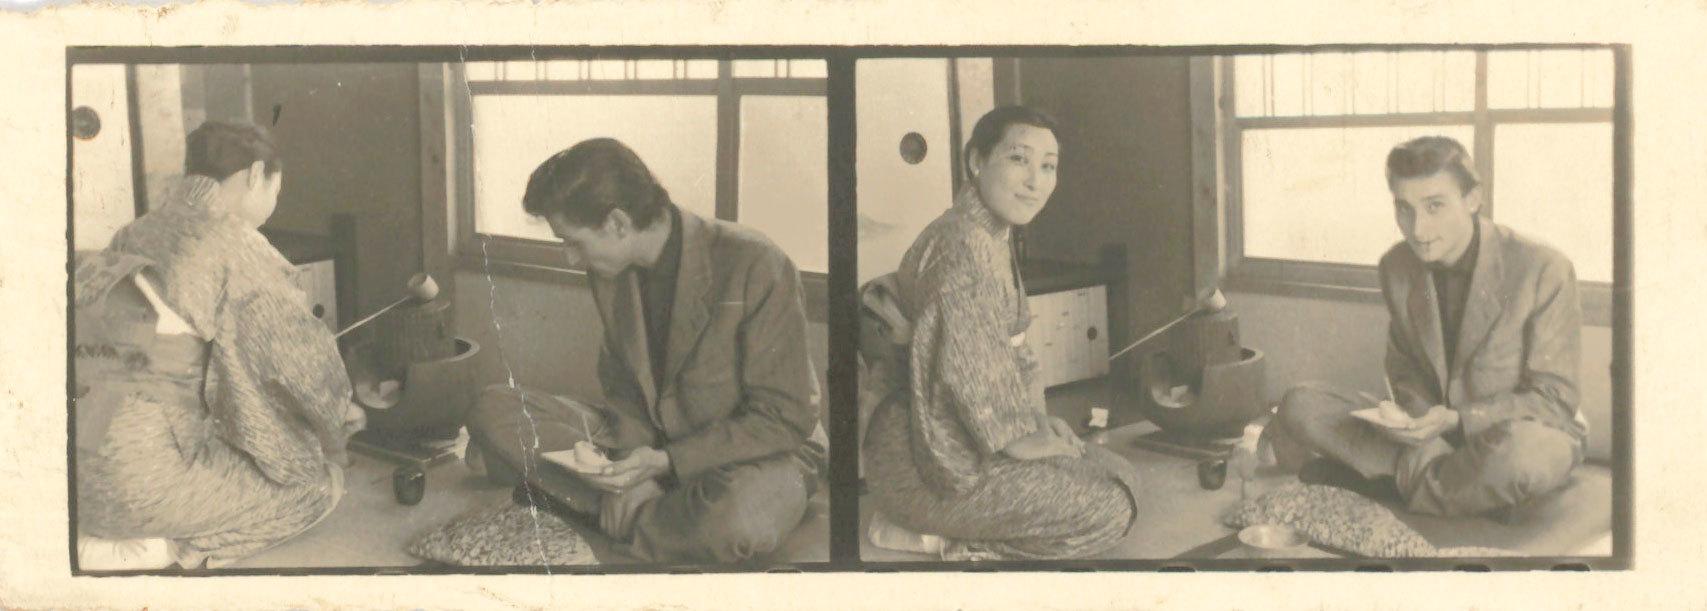 Antonio Gades en Japón